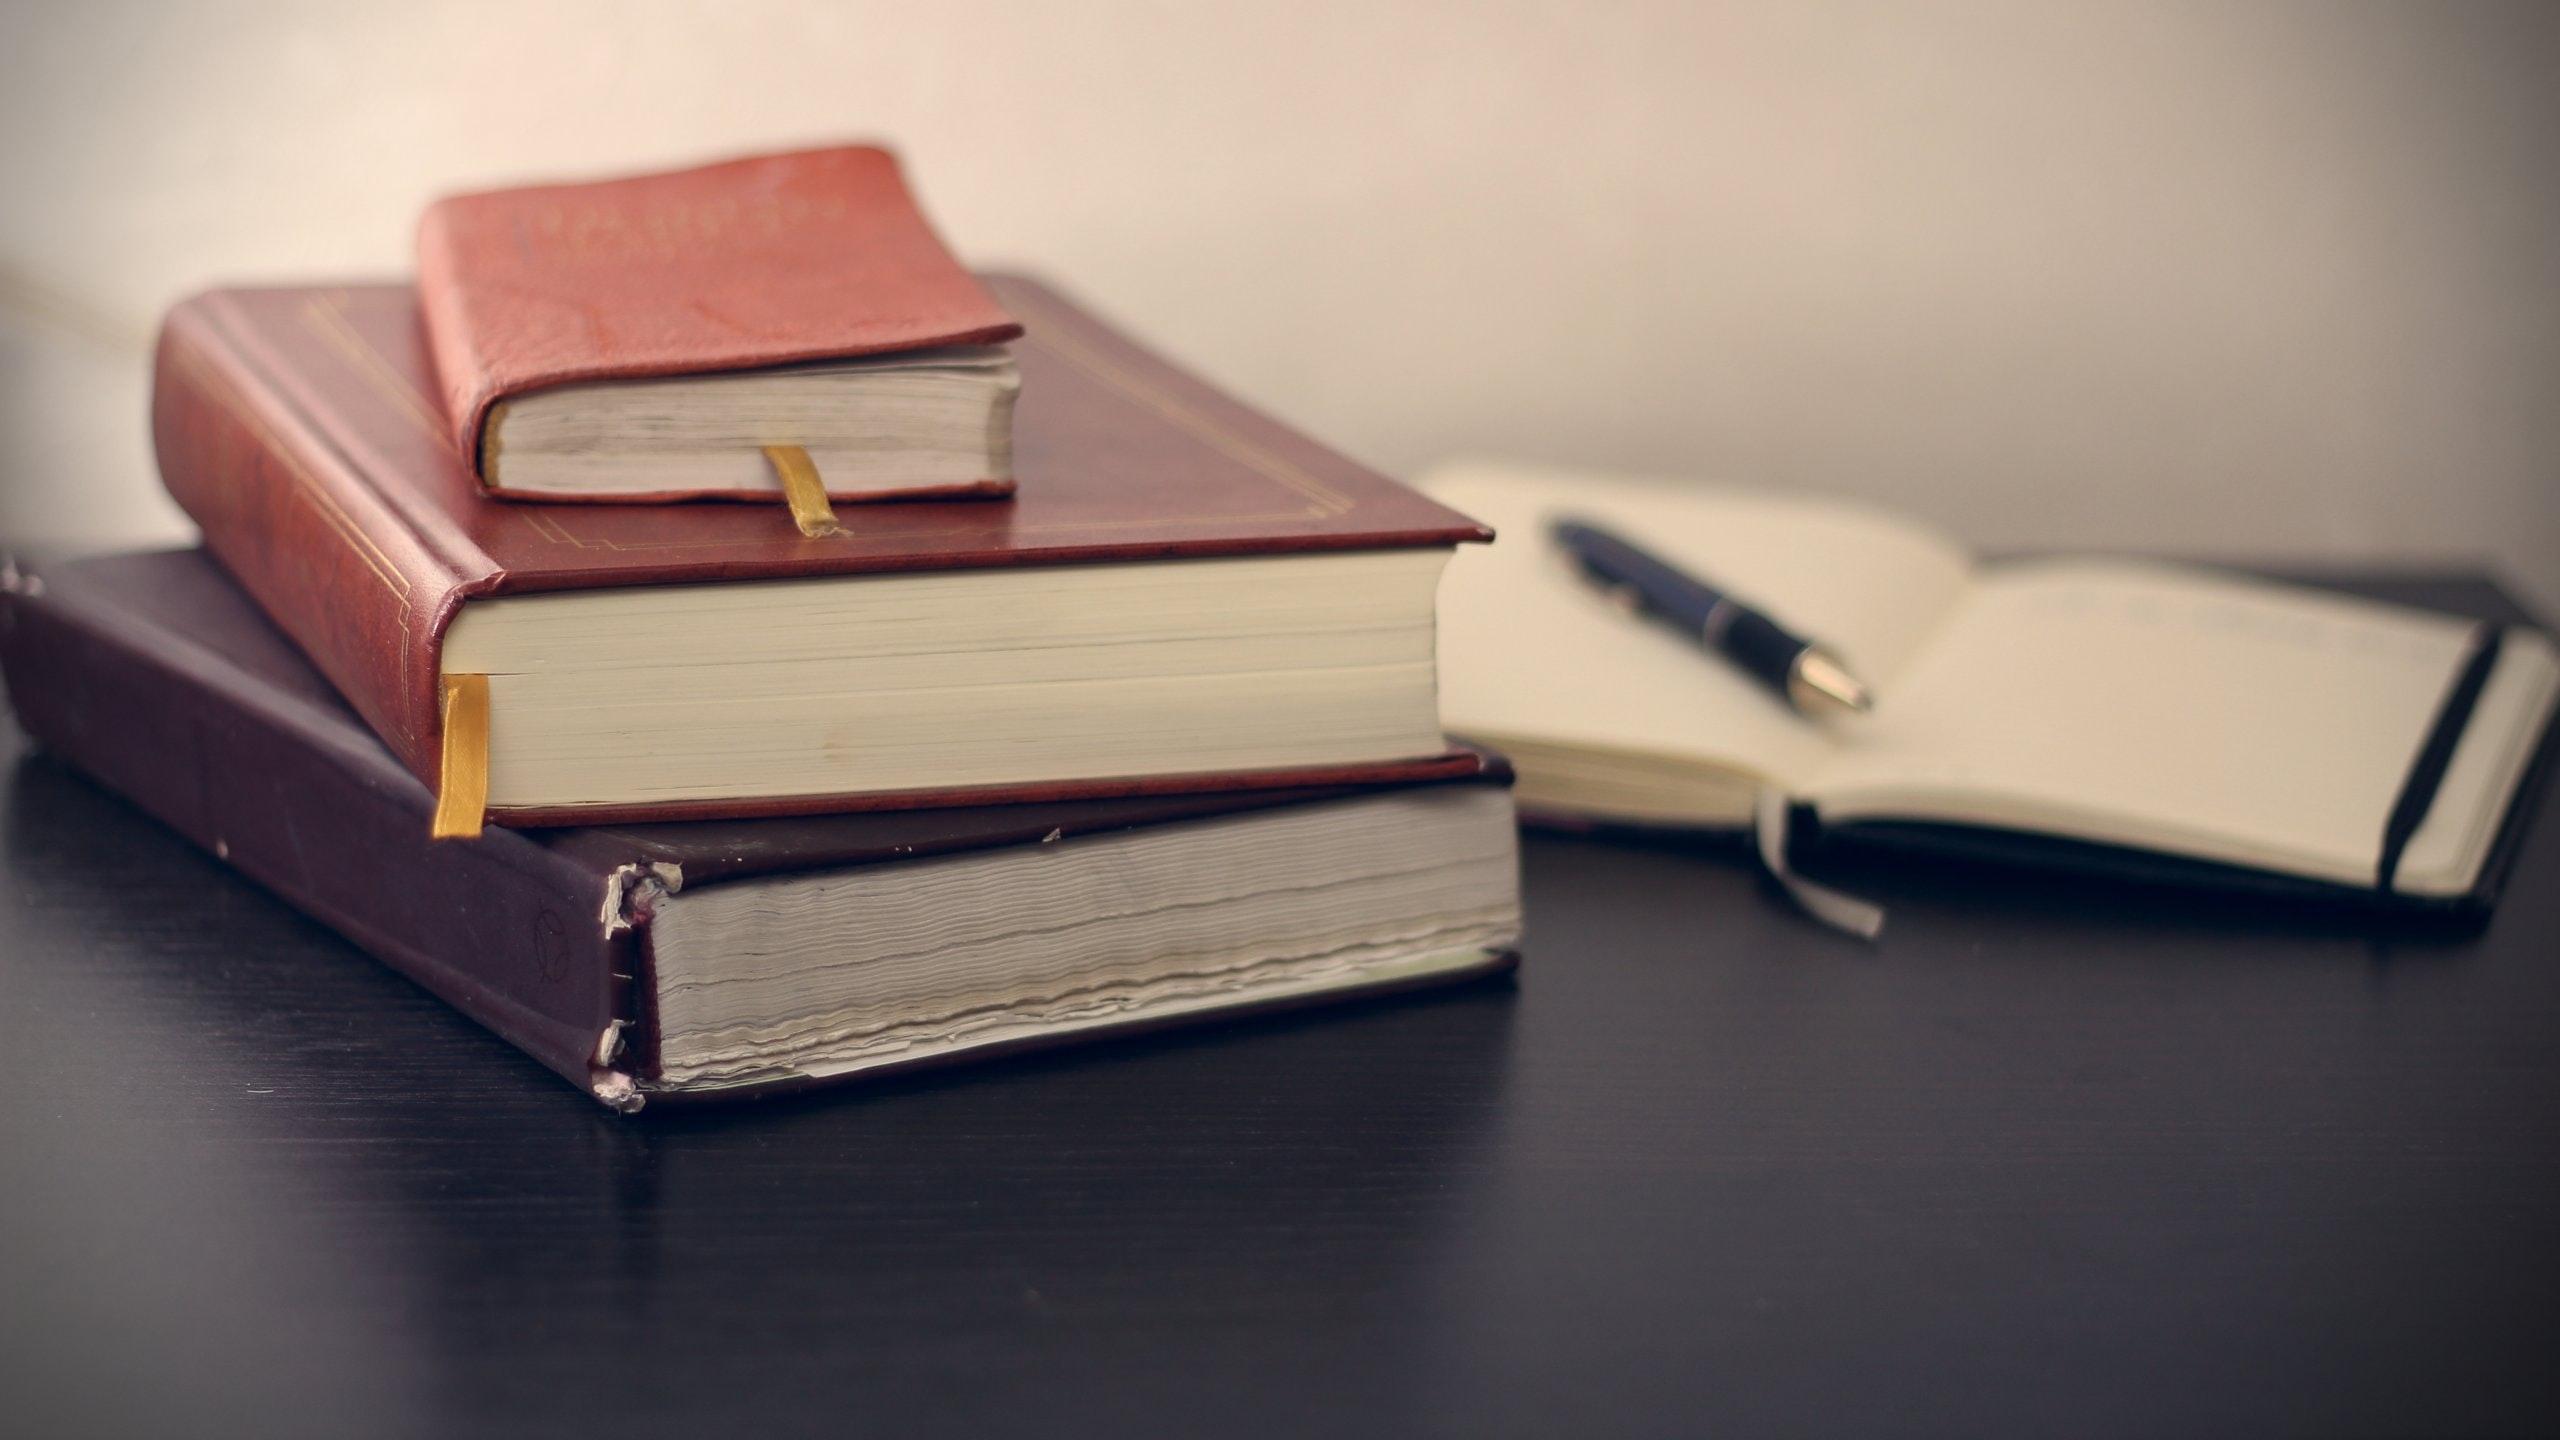 ¿Cómo usaría Pablo un directorio de la iglesia? Buscaría Gracia en cada página